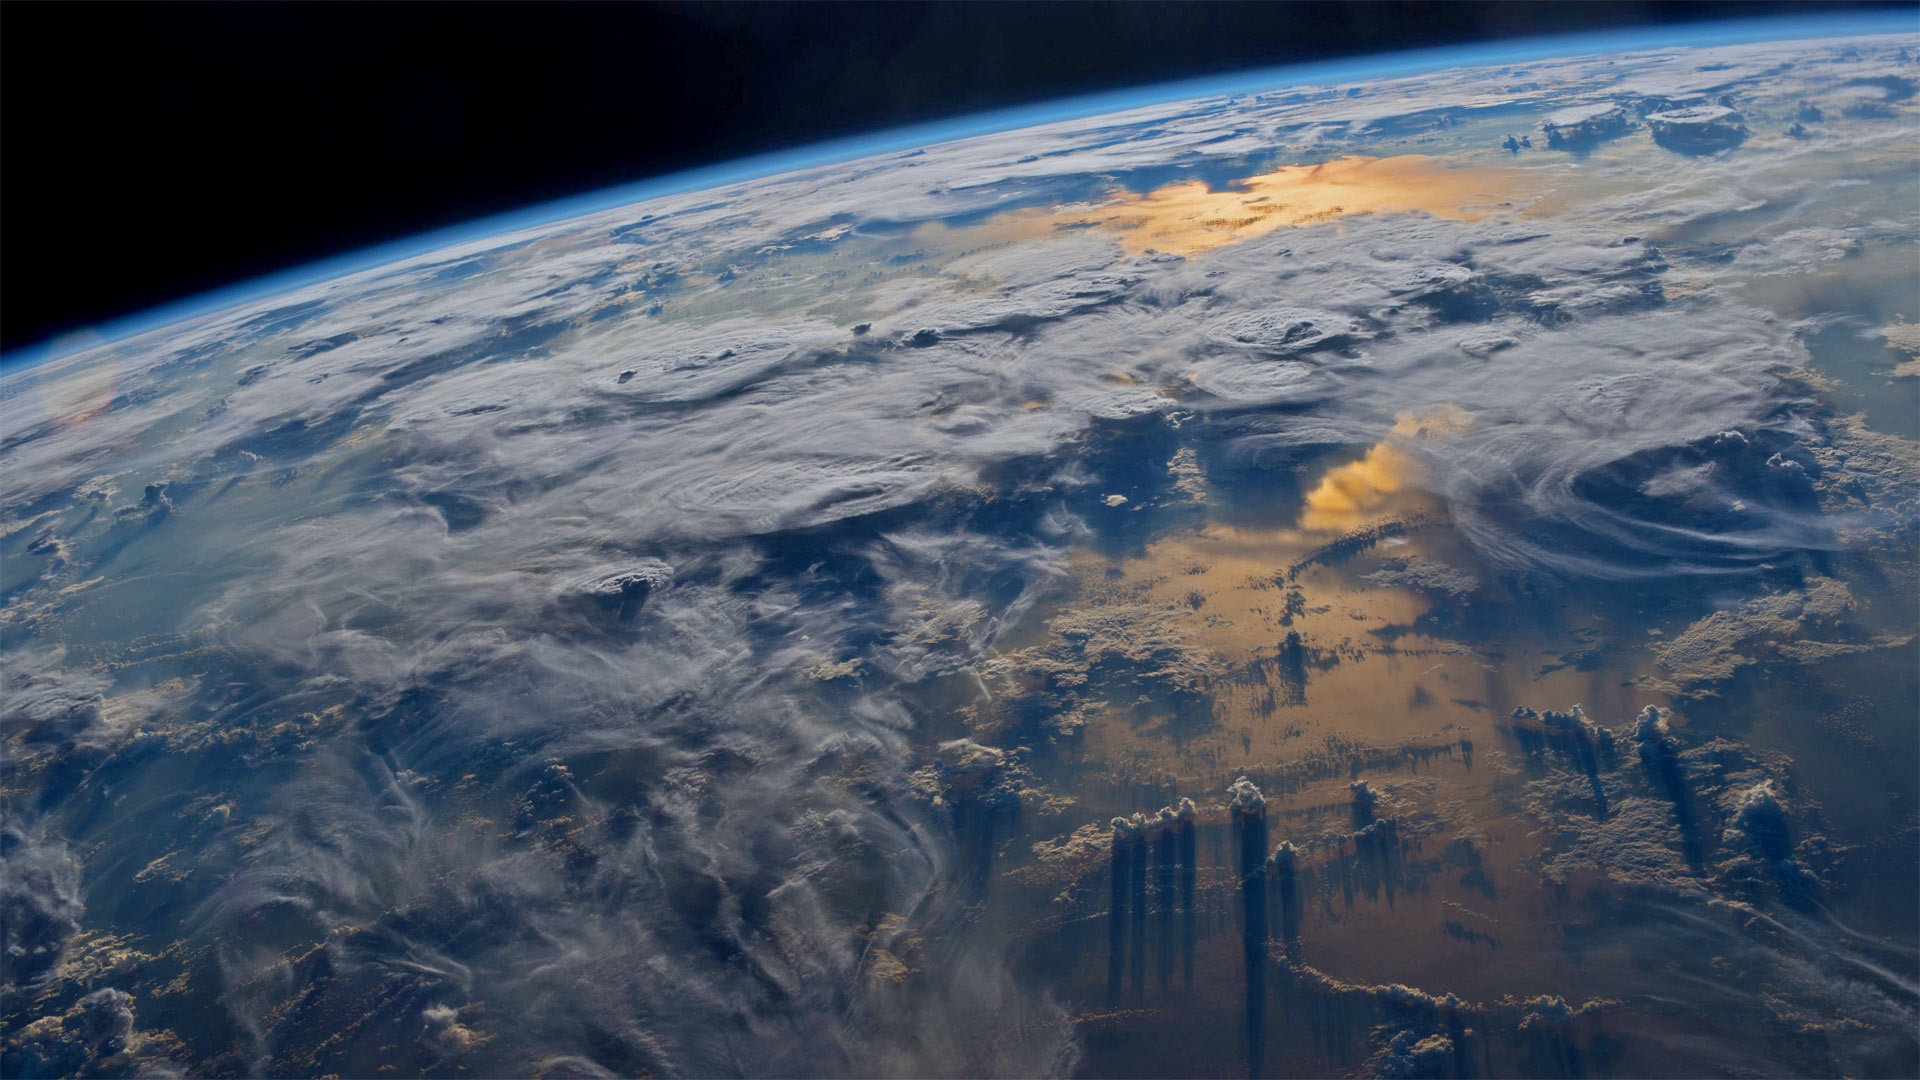 宇航员杰夫·威廉姆斯在国际空间站拍摄到的地球 (© Jeff Williams/NASA)